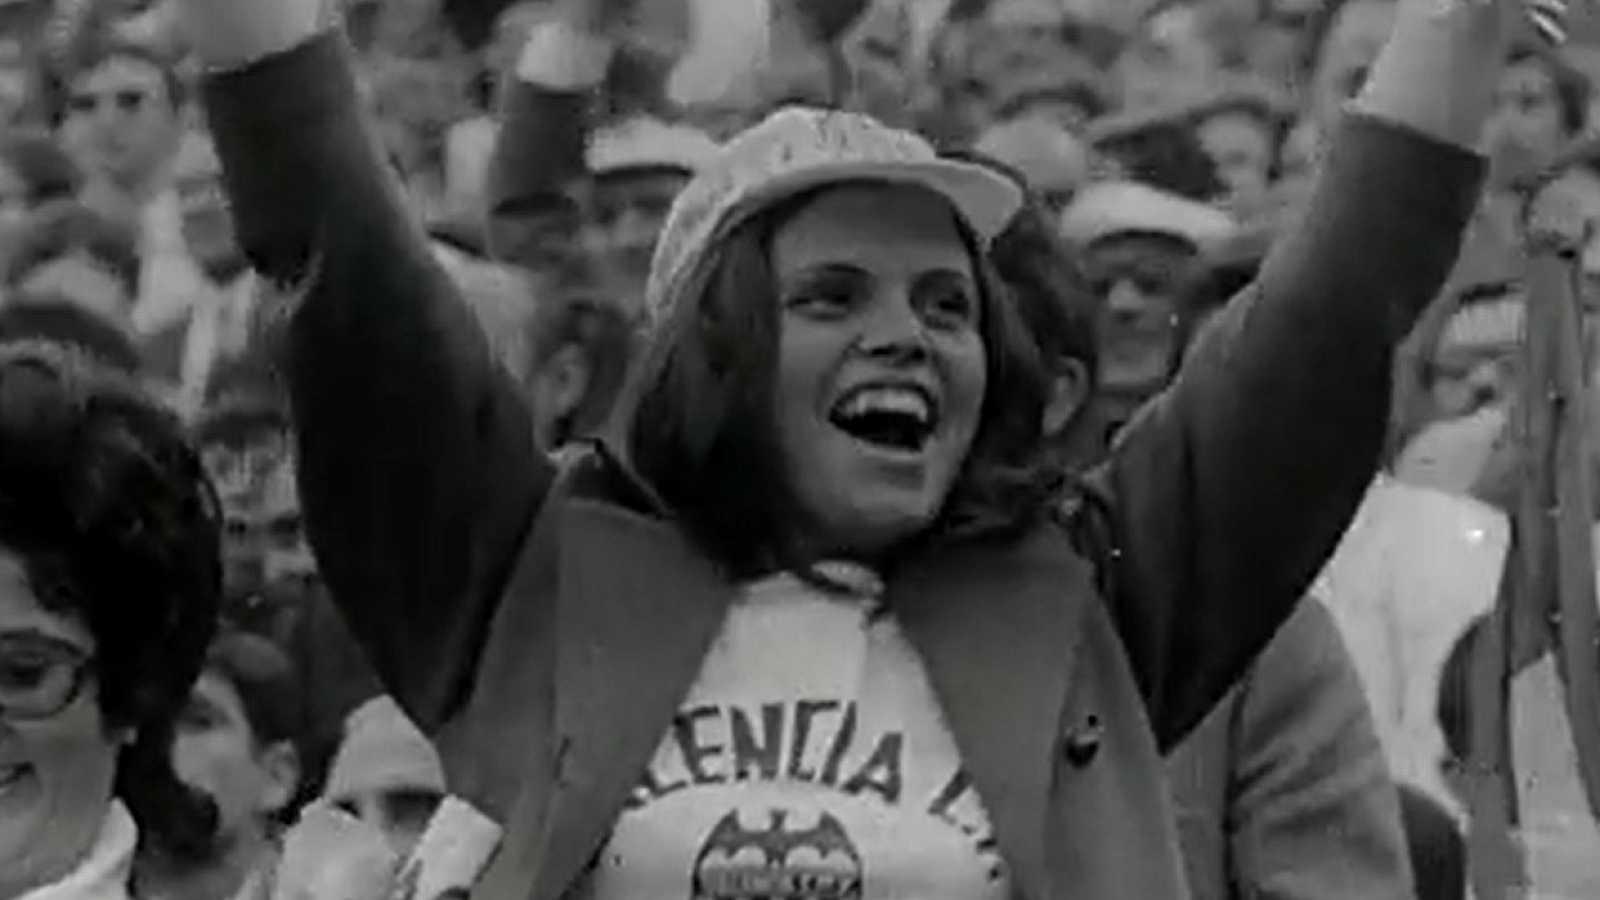 La 'Chica de Sarriá' aparece 50 años después